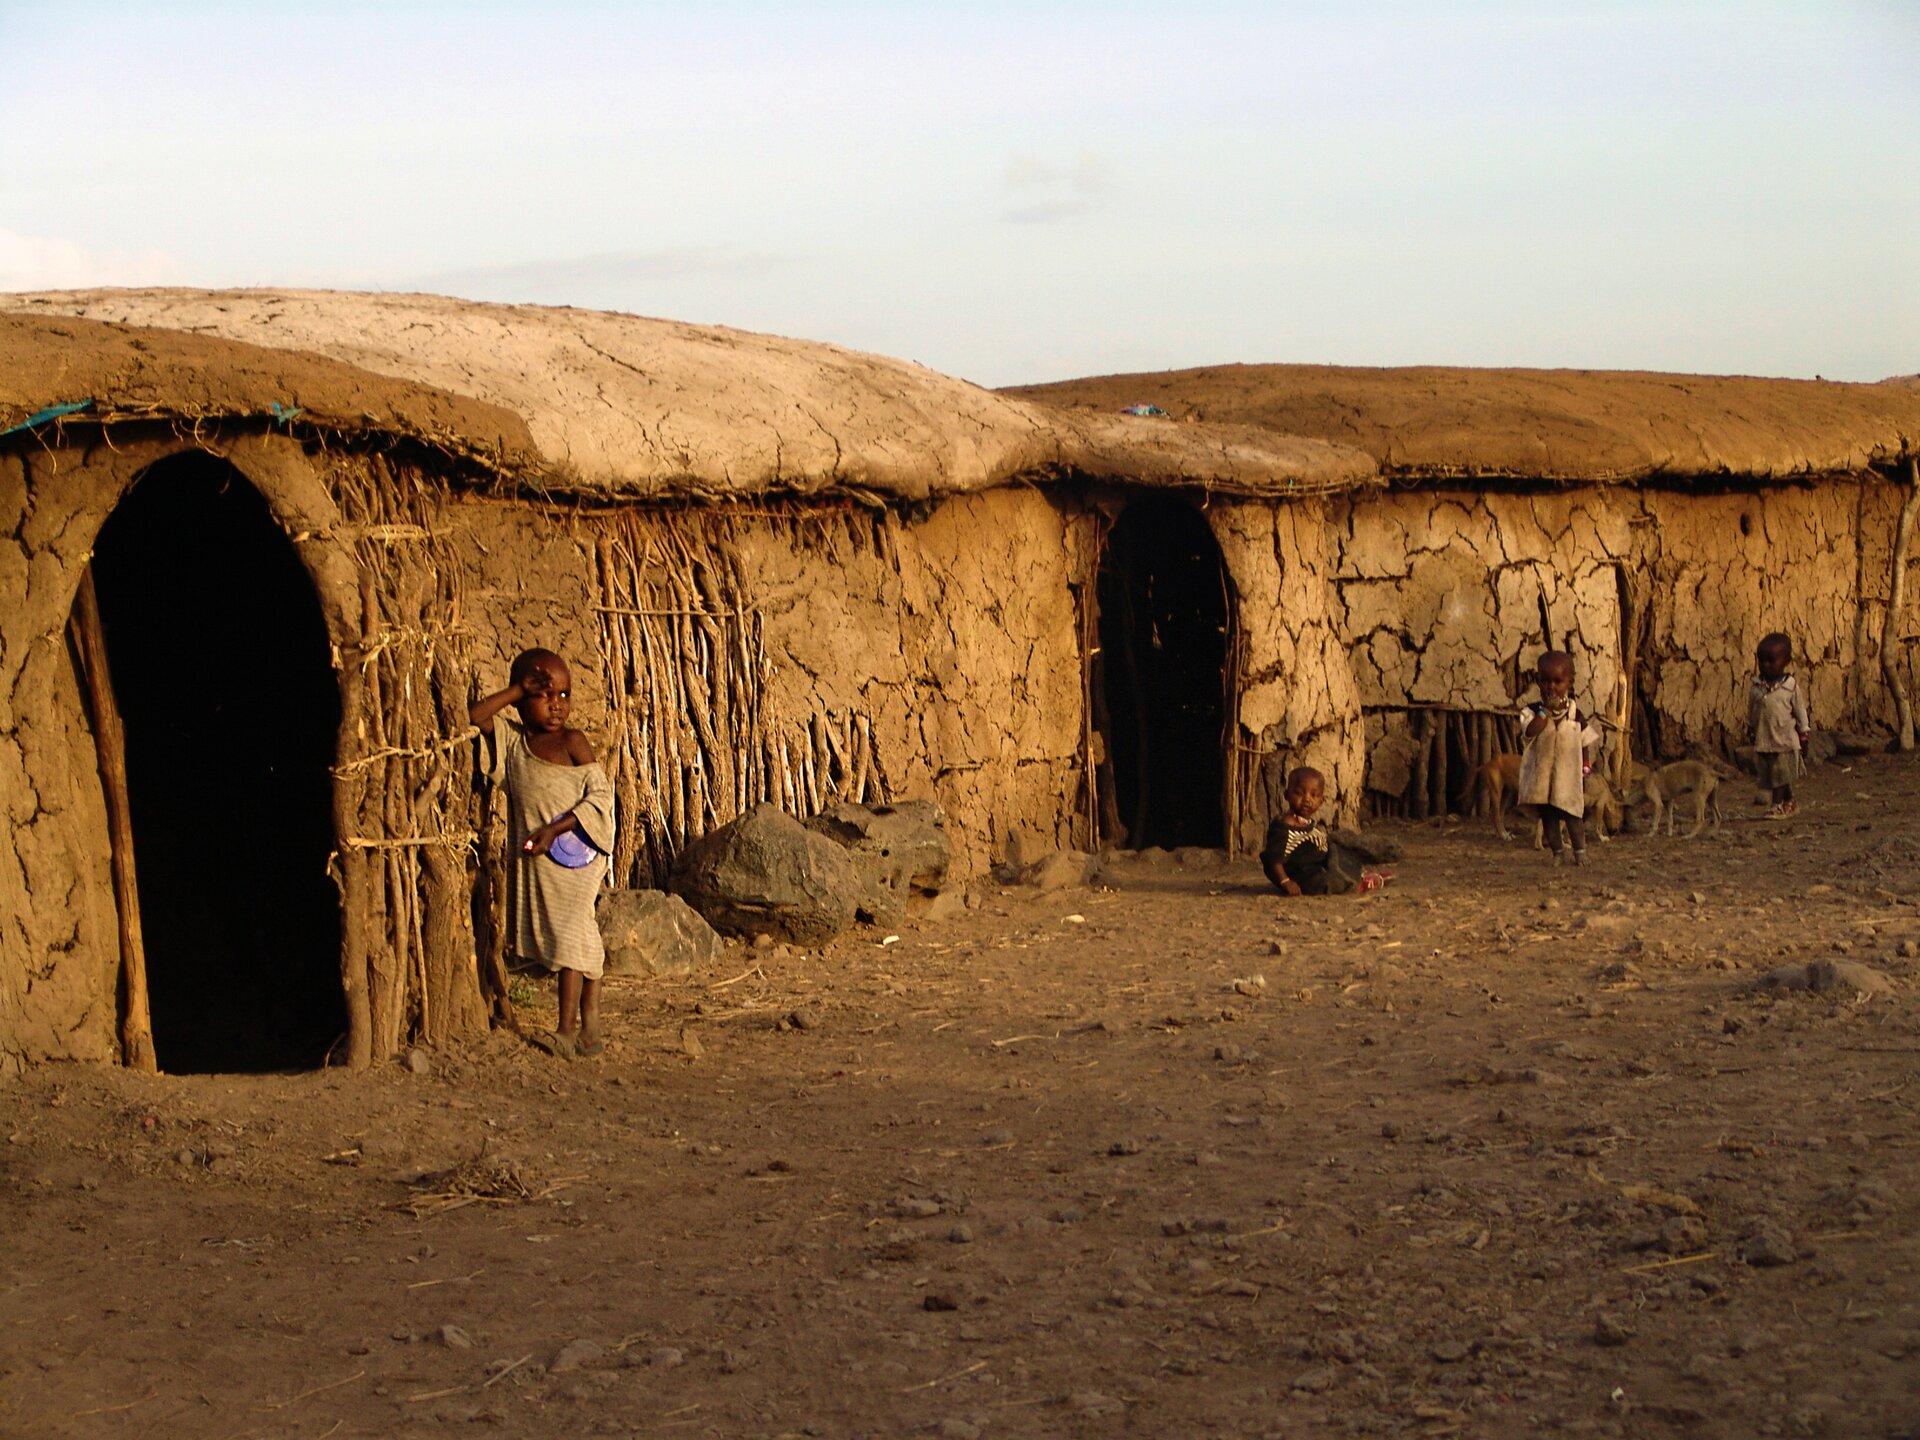 Fotografia prezentuje domy wwiosce masajskiej. Widoczne niskie, brązowe, budynki utworzone zpatyków ibłota. Zprzodu znajdują się wejścia do domów, brak okien idrzwi. Przed budynkami stoją dzieci.